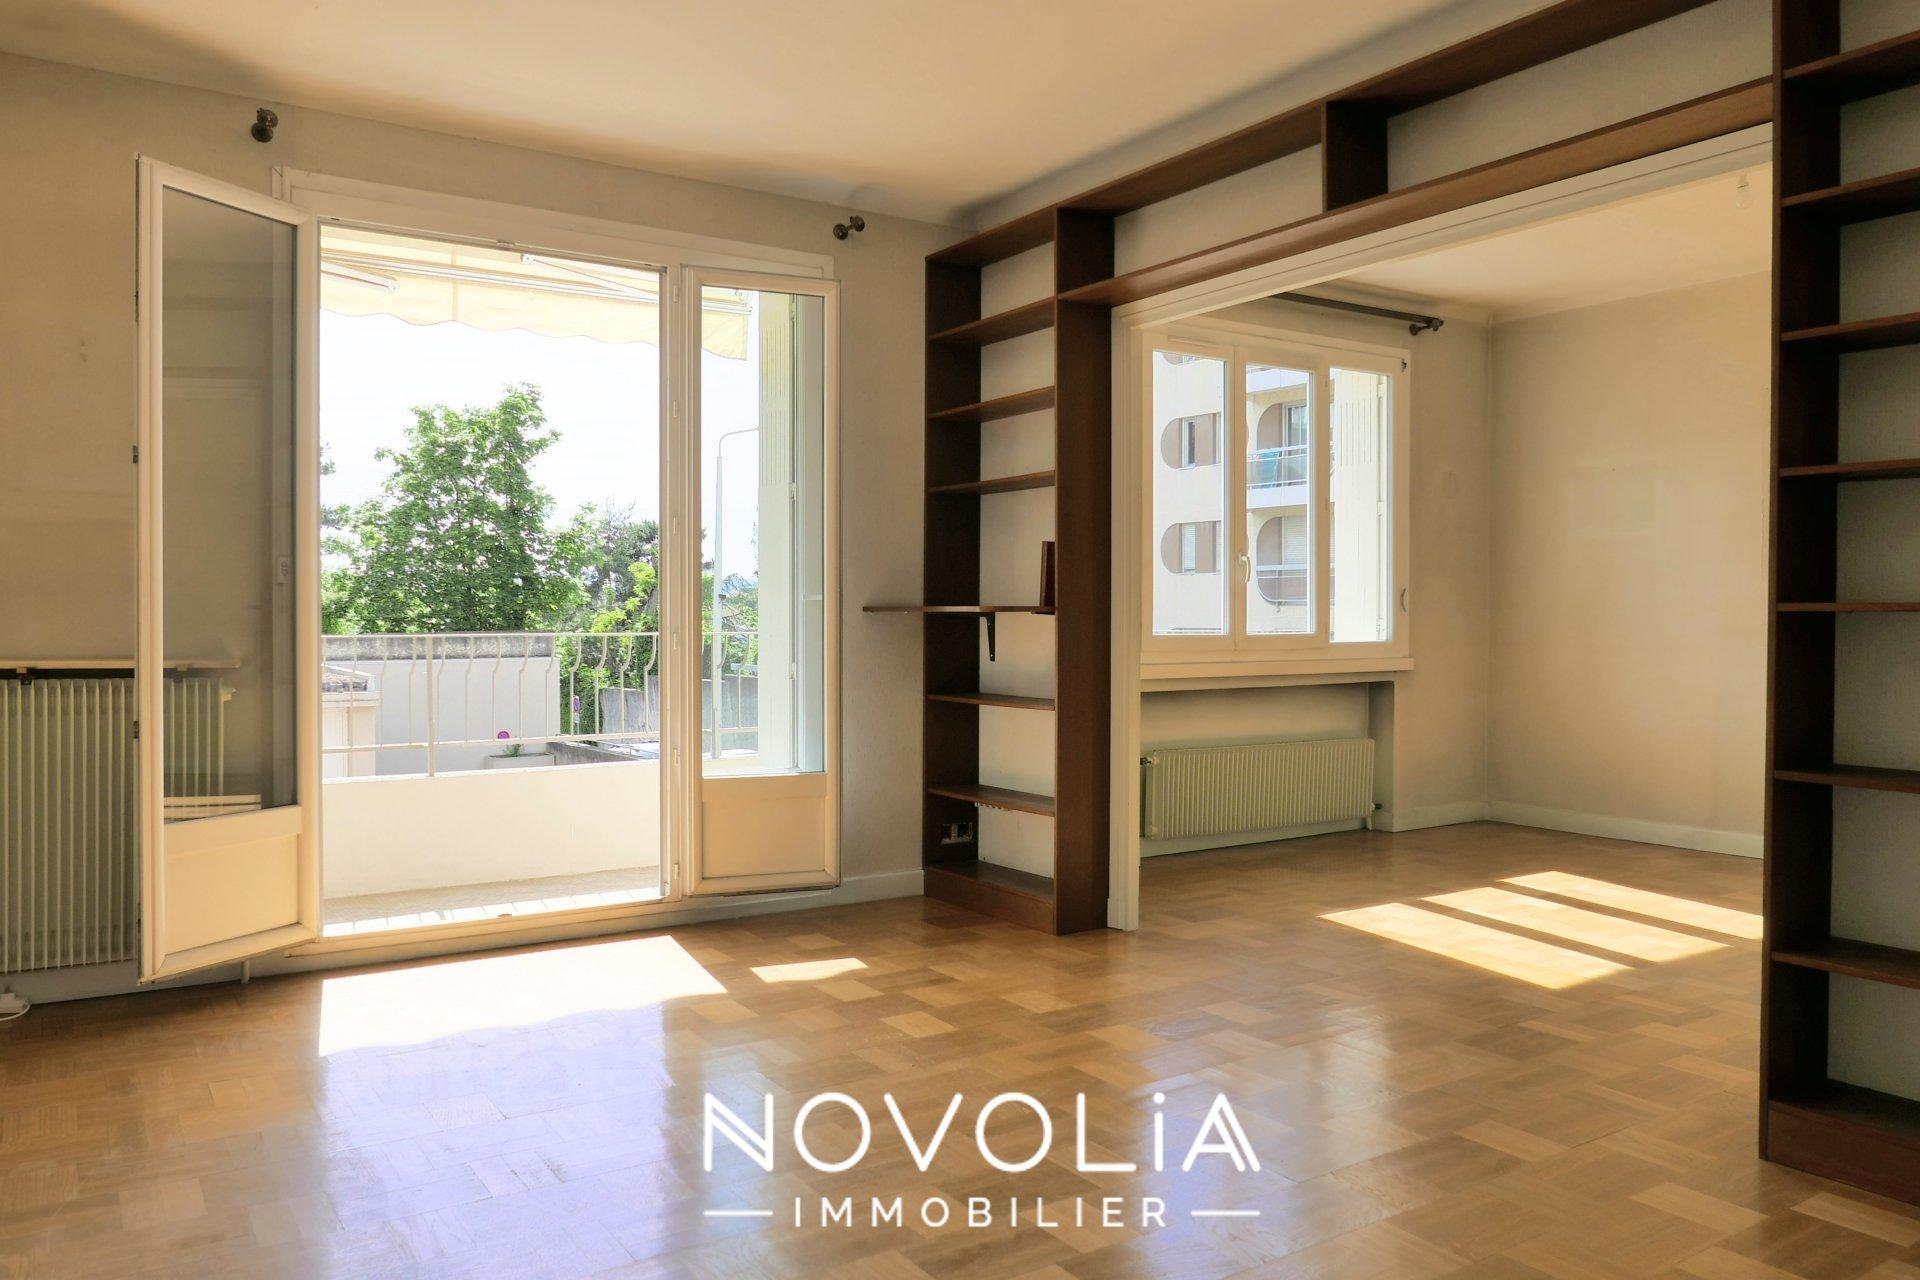 Achat Appartement Surface de 90.49 m²/ Total carrez : 90.49 m², 4 pièces, Lyon 3ème (69003)